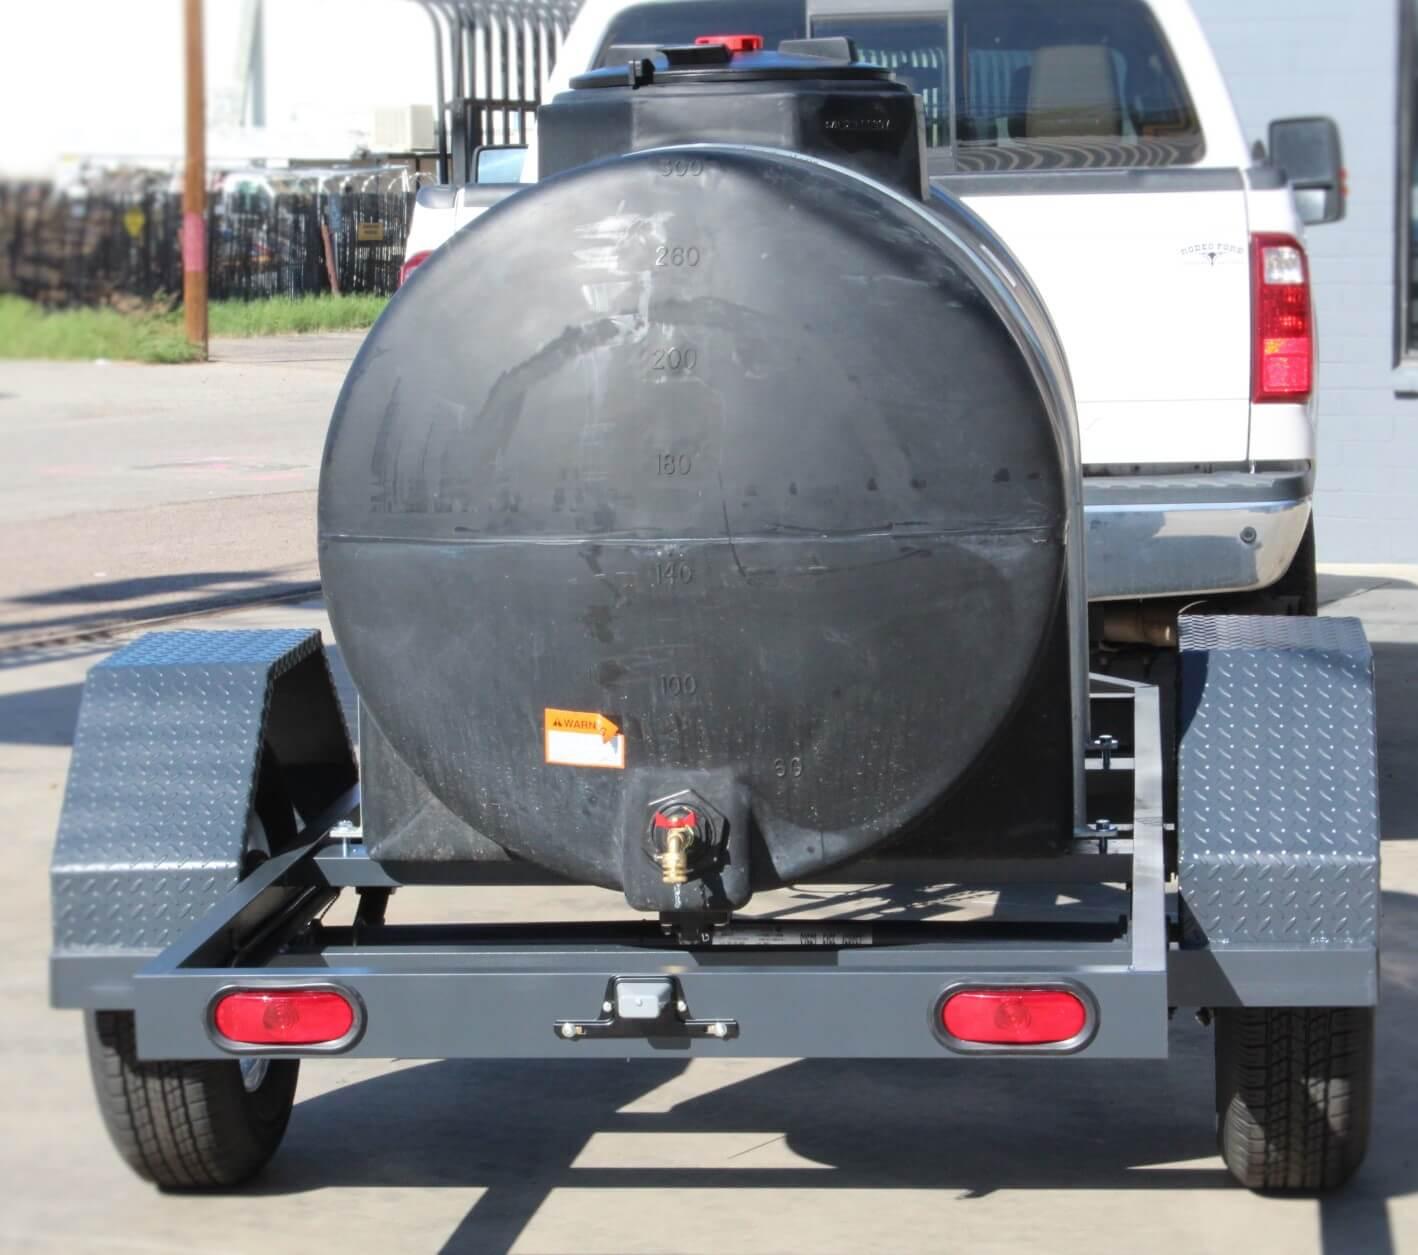 325 PWT rear